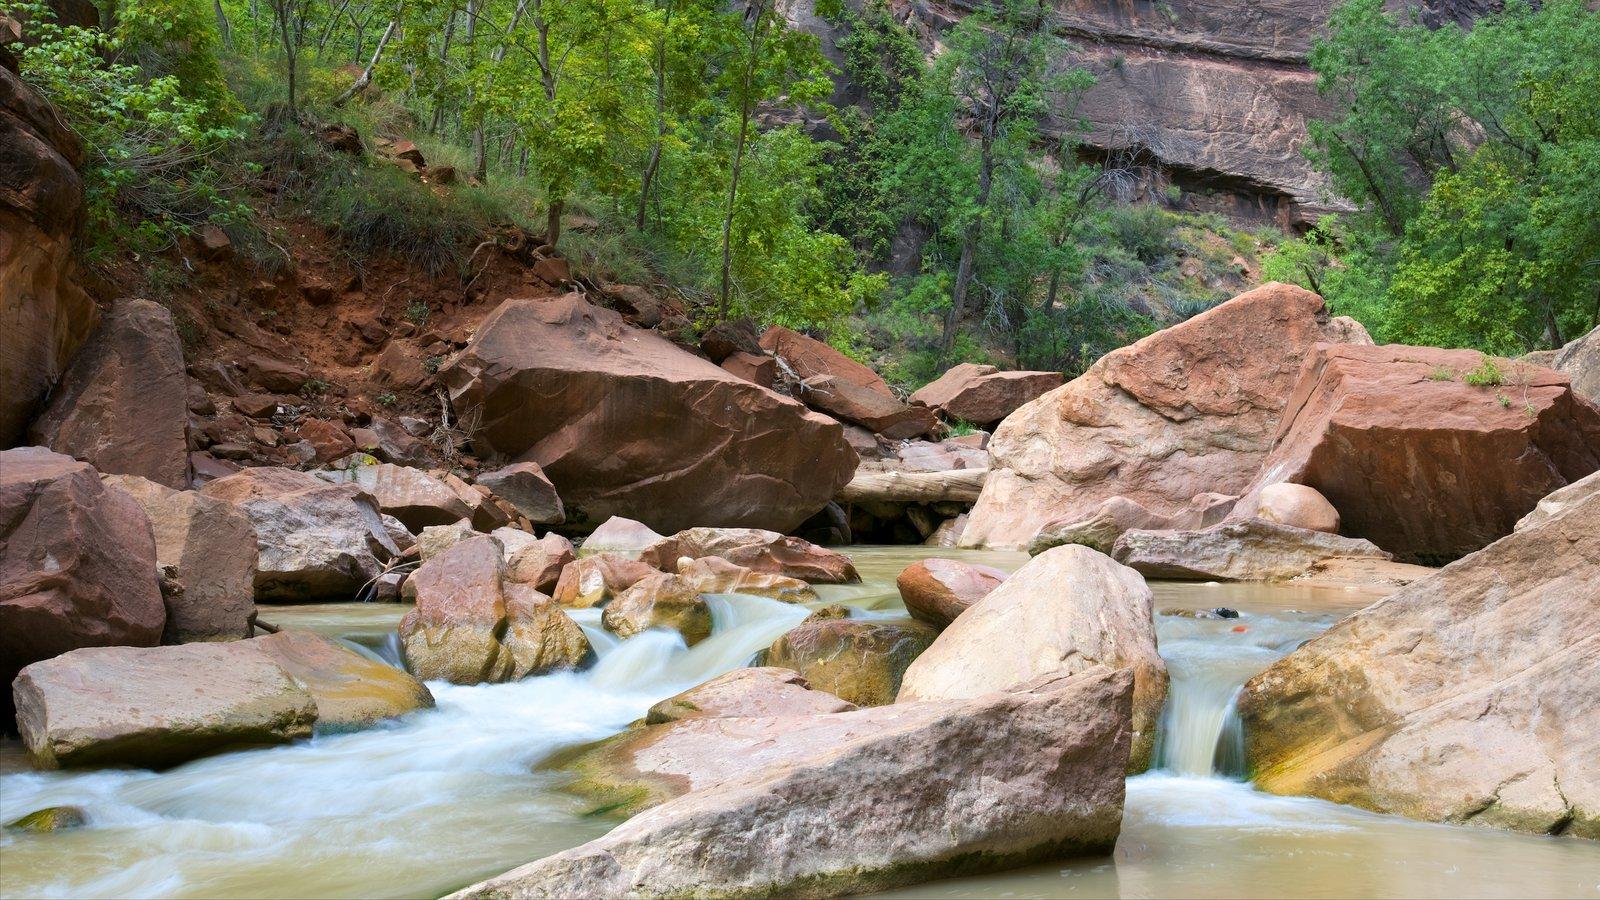 Parque Nacional Zion que incluye escenas tranquilas y un río o arroyo